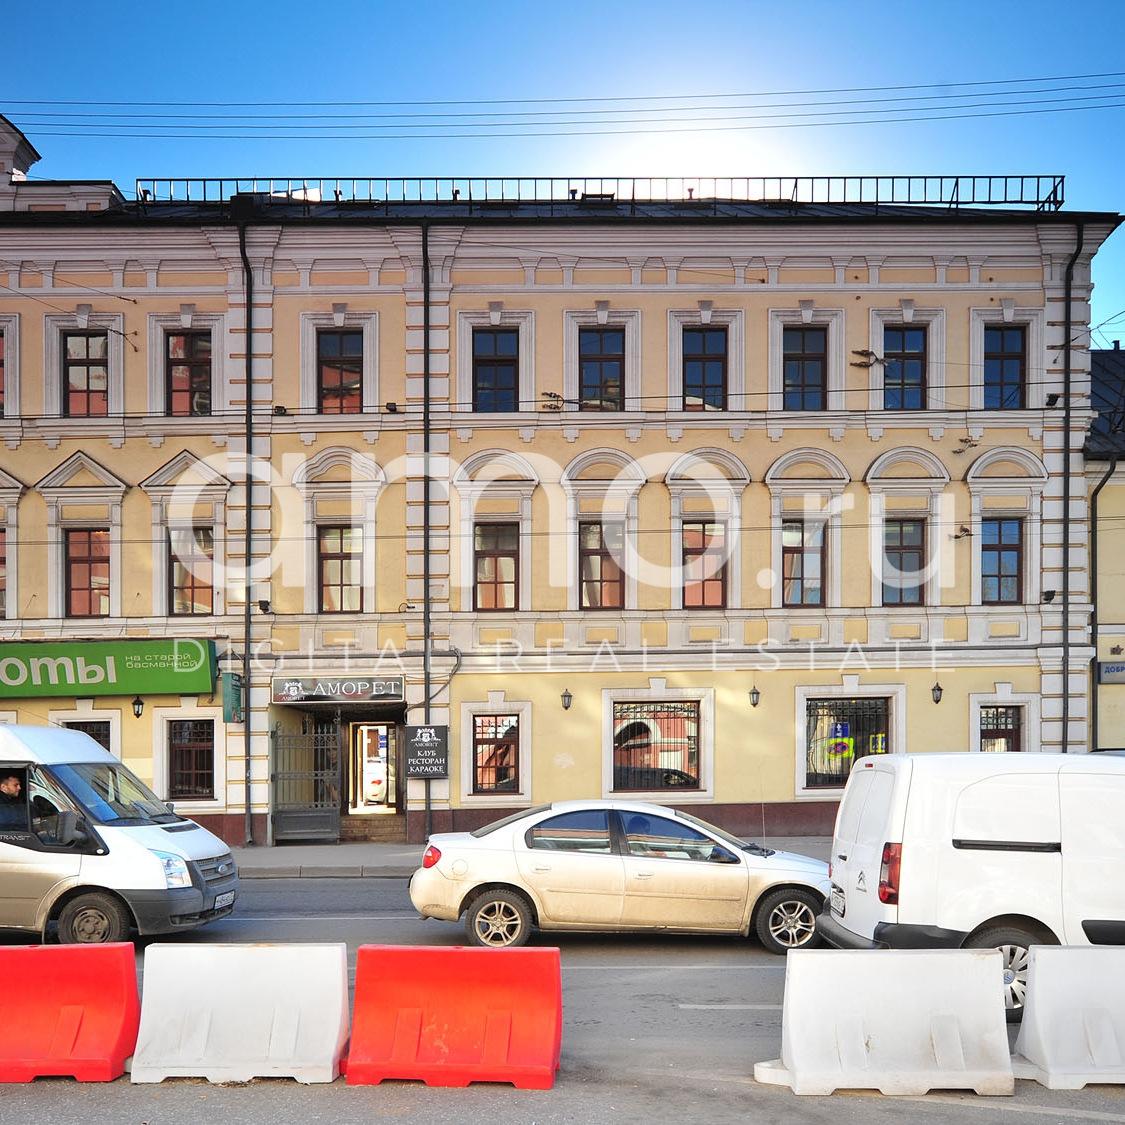 Аренда офиса на старой басманной от собственника аренда офиса екатеринбург шаумяна площадь 15 кв м